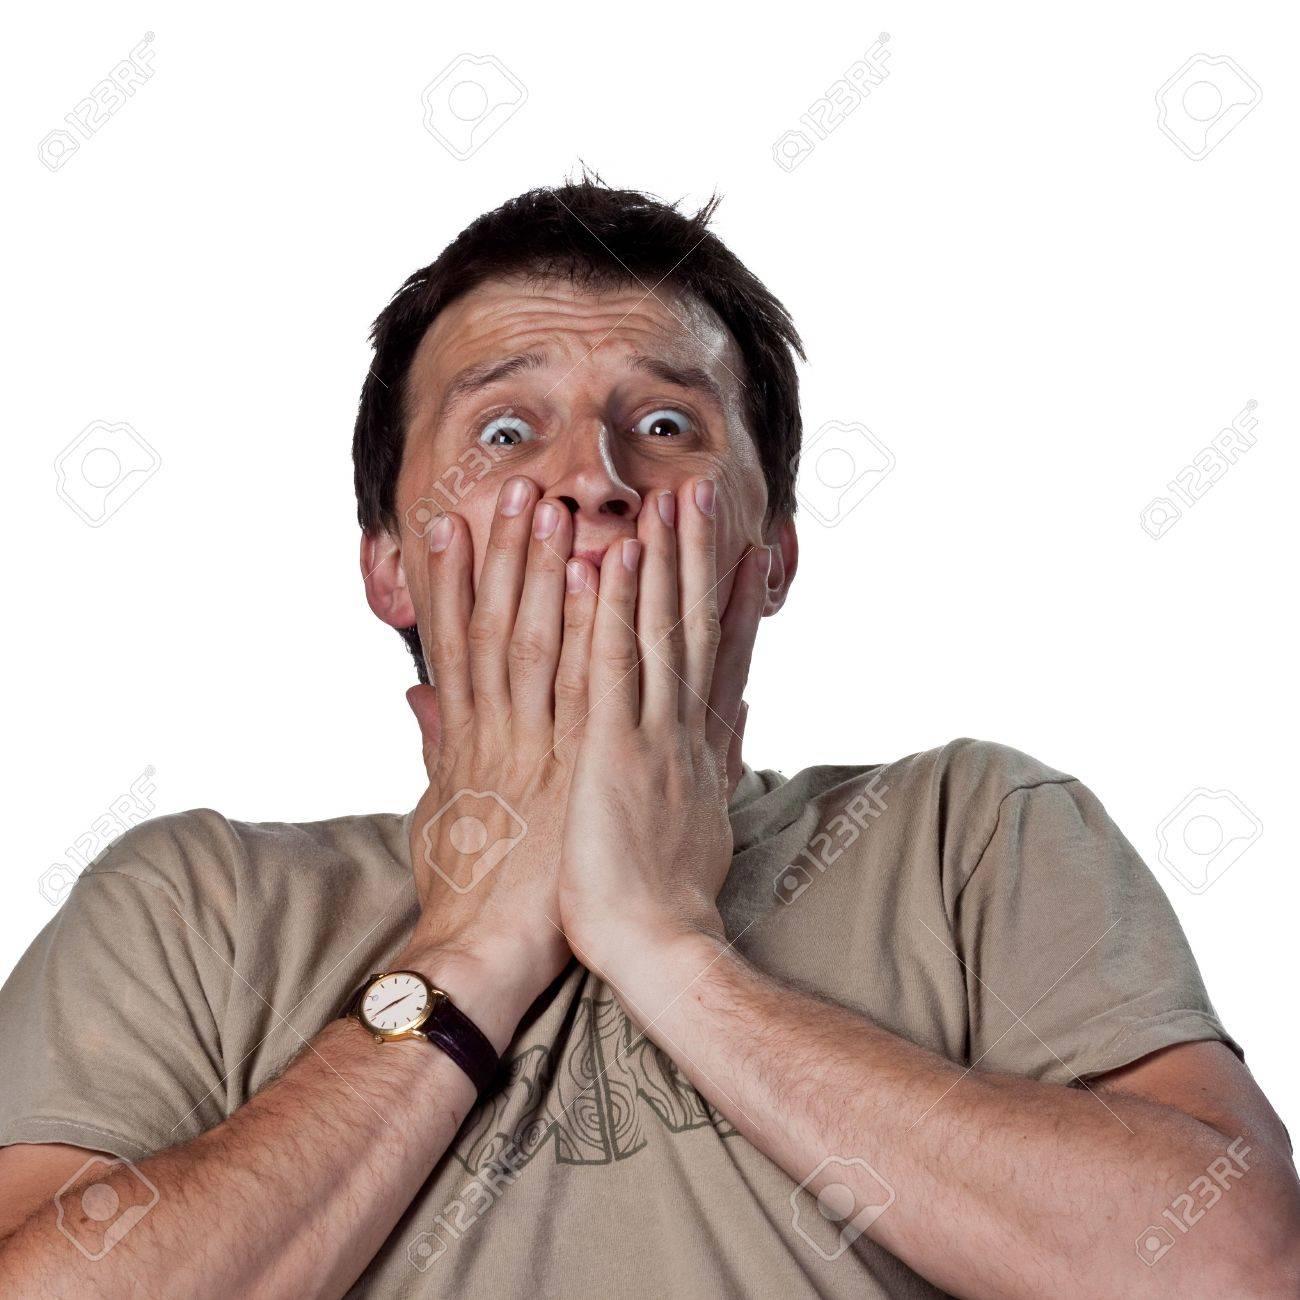 CASCO FANTASÍA 6875287-Jeune-homme-peur-de-quelque-chose-Banque-d'images